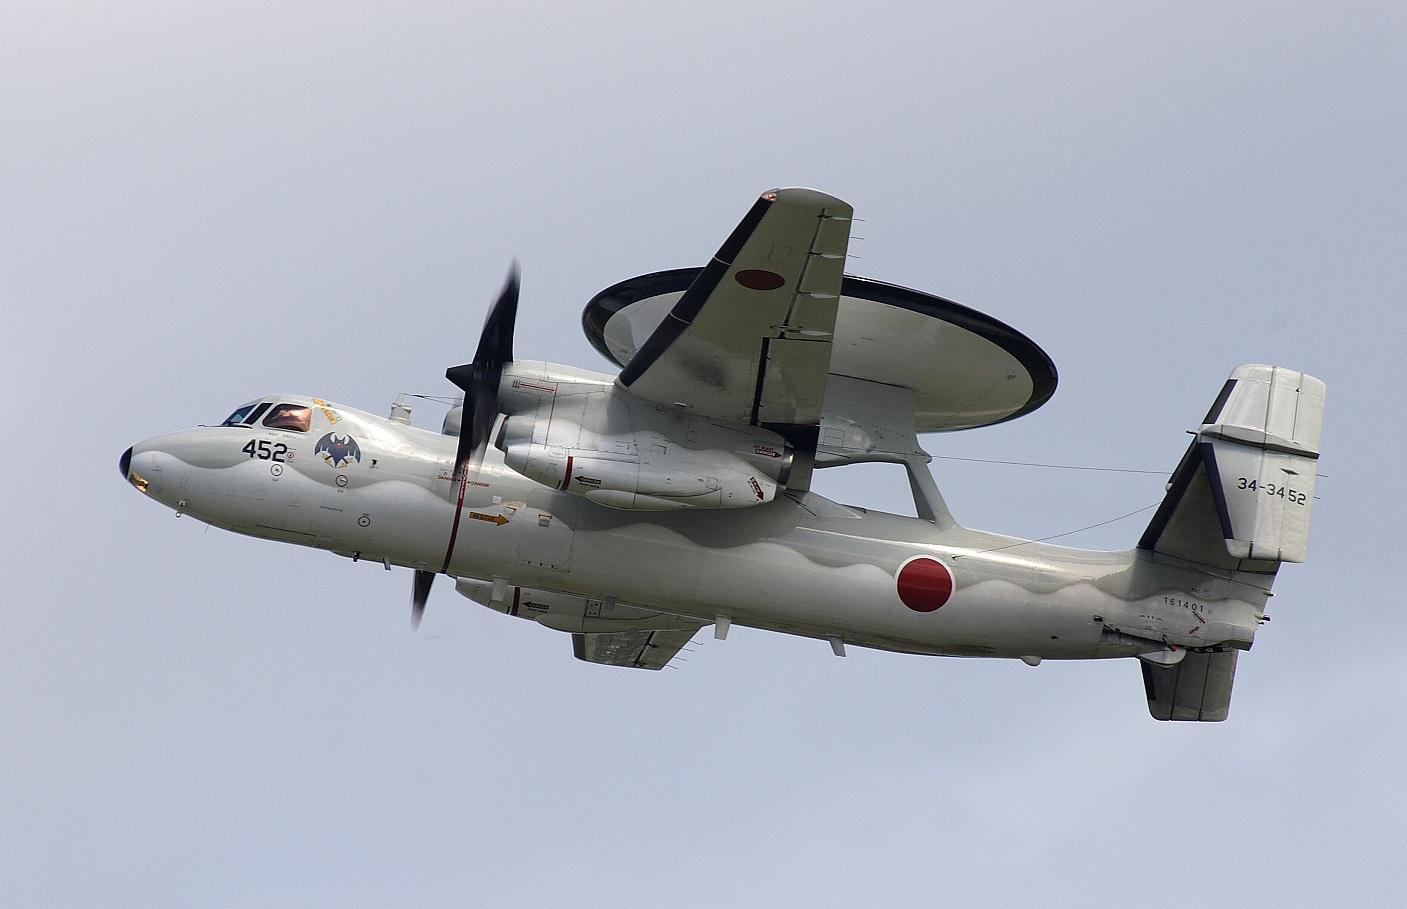 美制最强航母预警机遭日本泄密 此类事件已发生多起